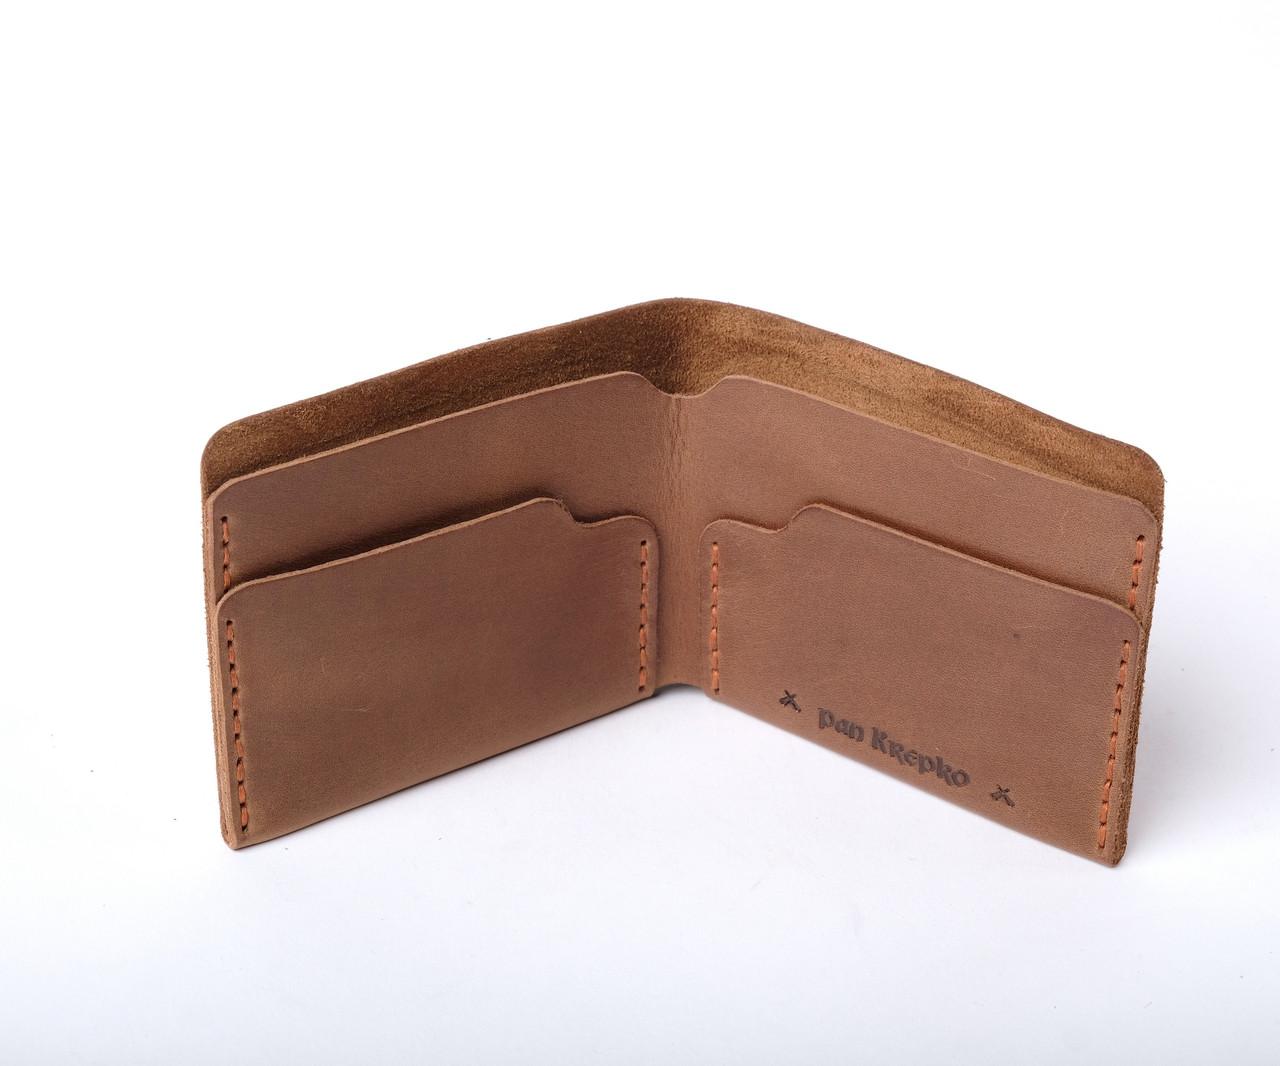 Шкіряний гаманець «Gomin Olive» жіночий Оливковий (10,5x8,5 см) ручної роботи